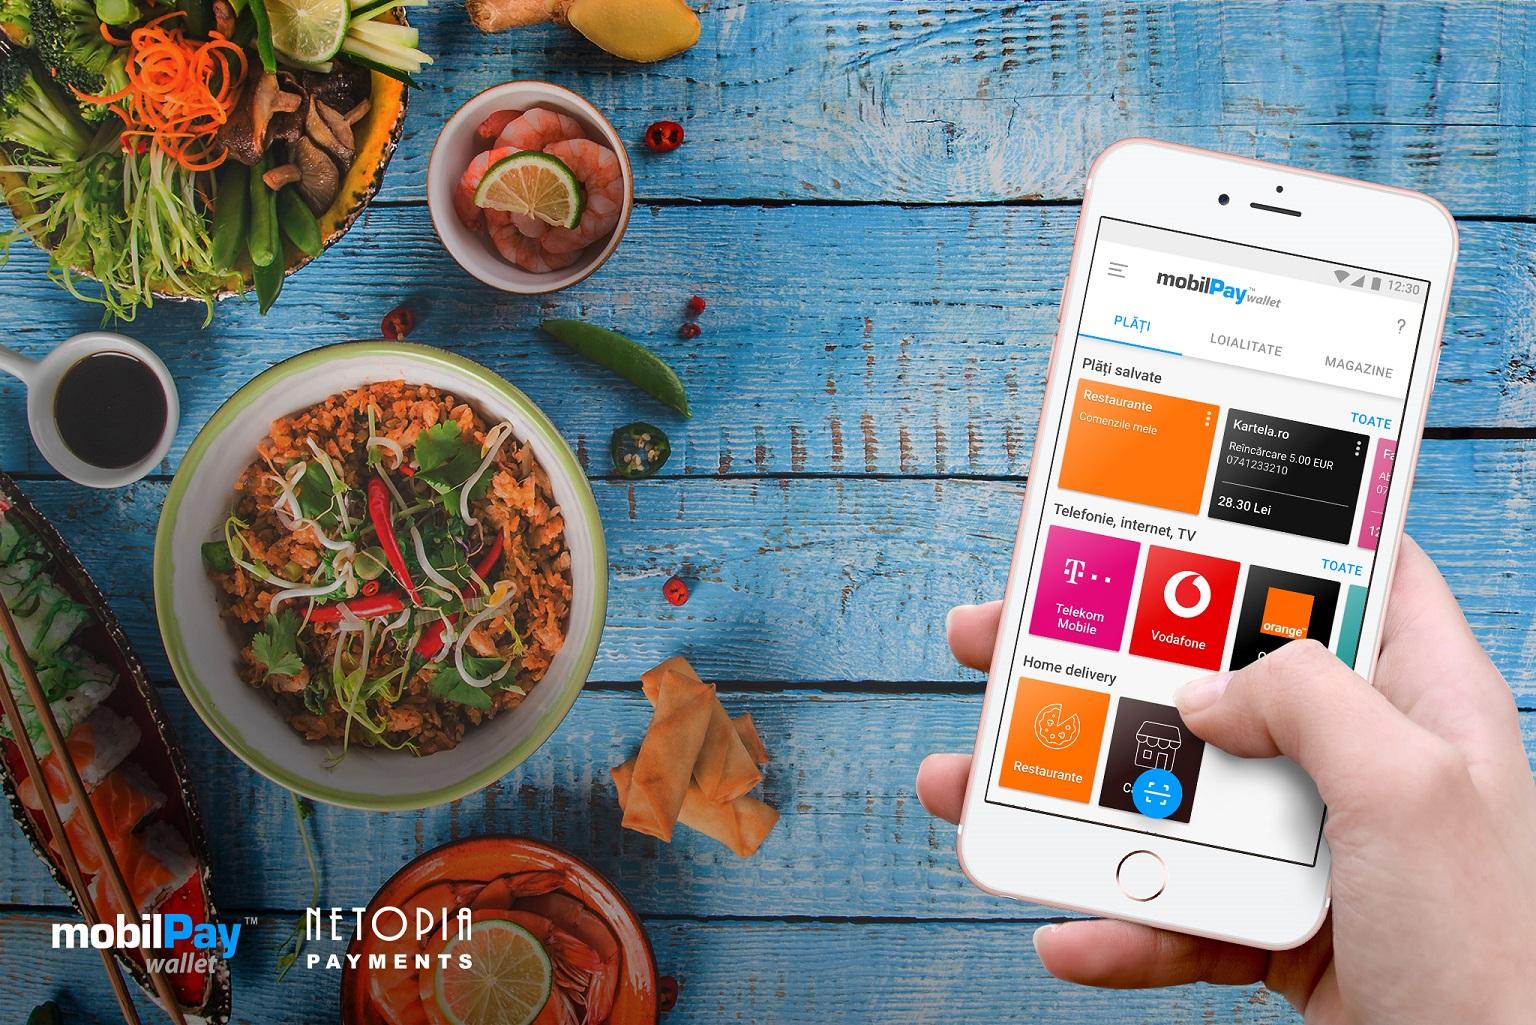 NETOPIA Payments lansează o platformă de comenzi integrată în aplicația mobilPay Wallet, pentru restaurante, magazine specializate și producători locali din toată țara, care fac livrări la domiciliu